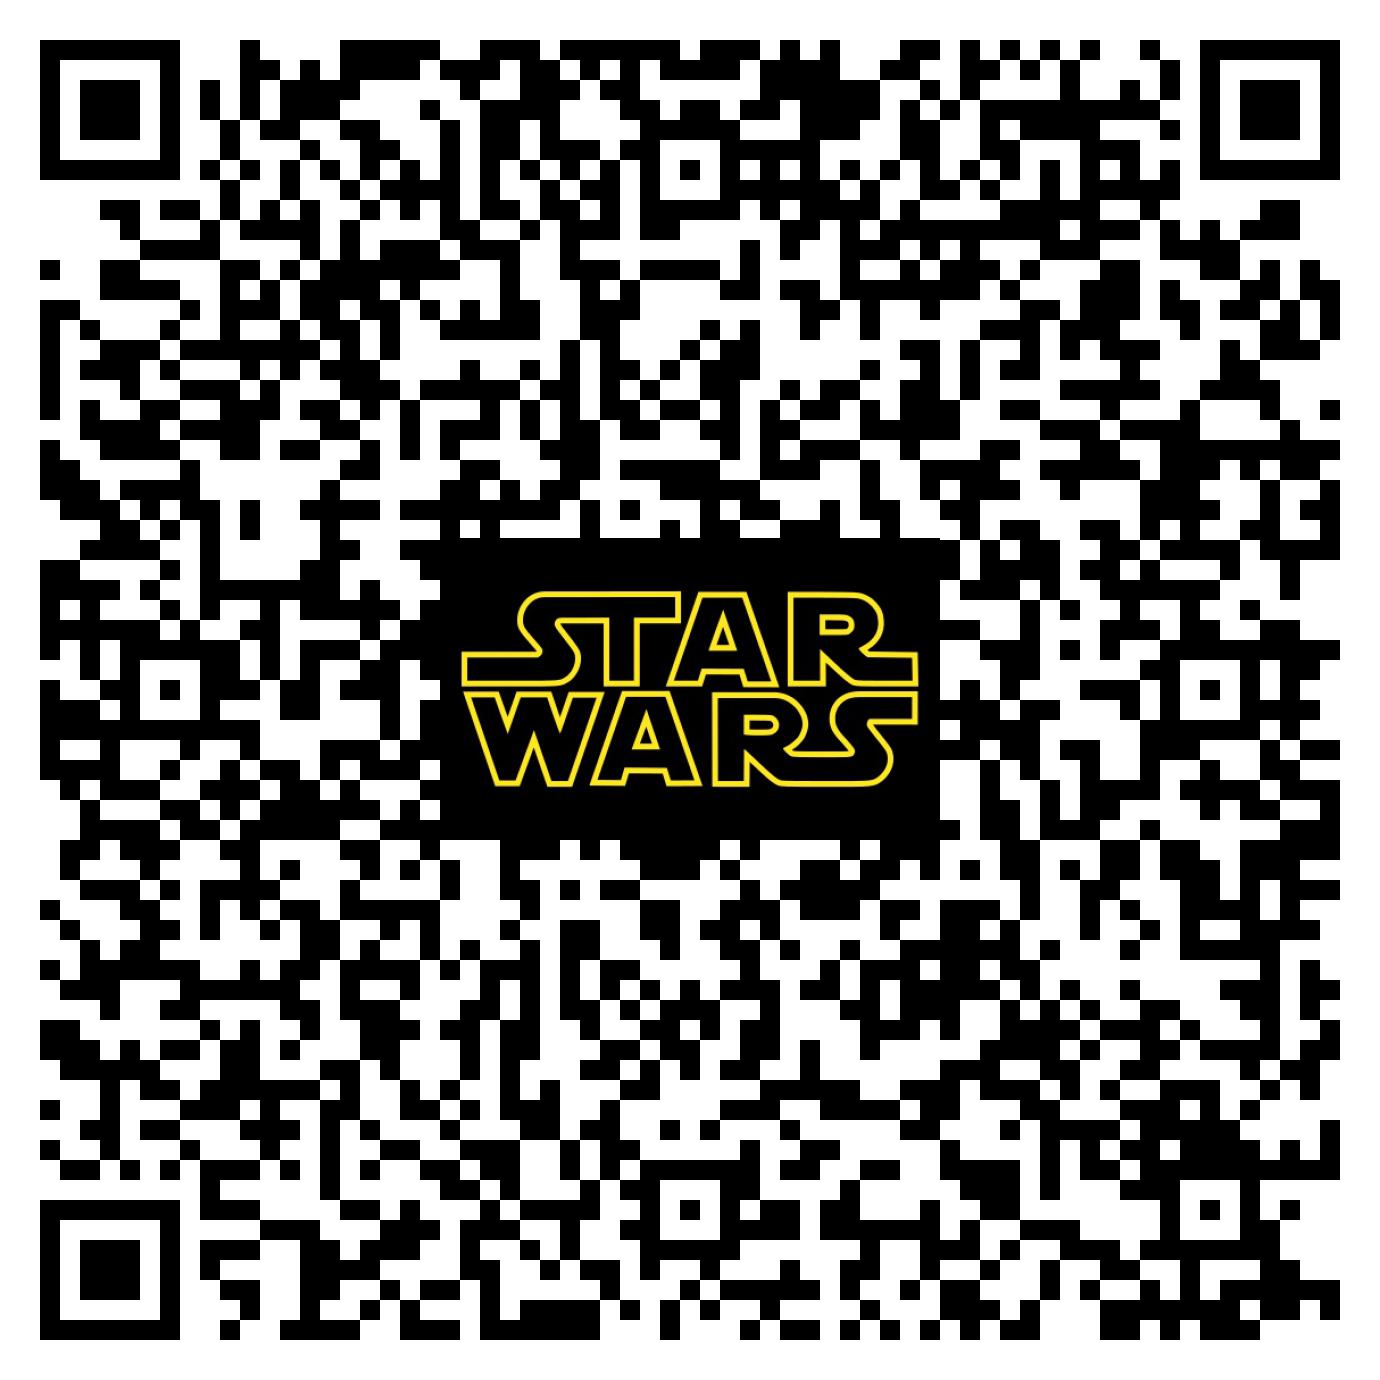 STAR WARS – Universal language